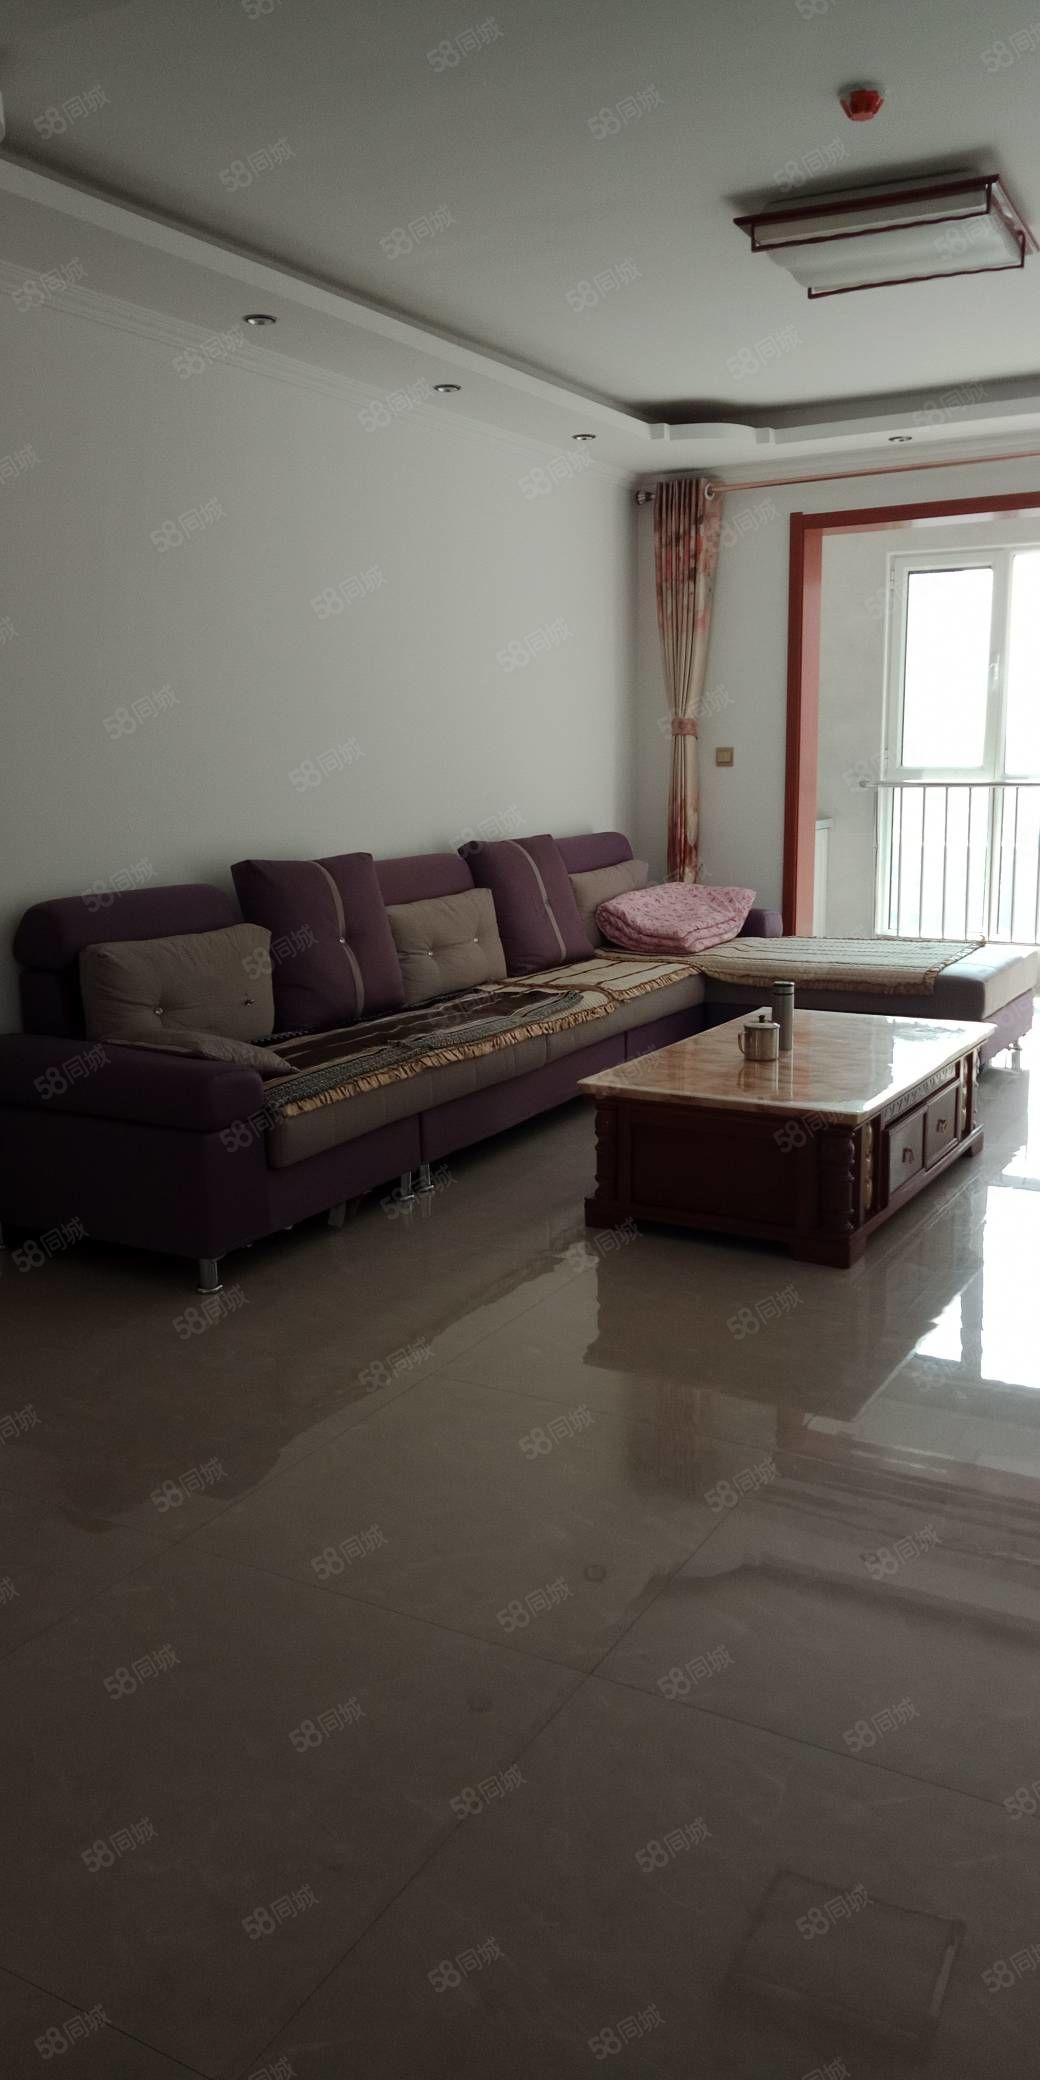 雁门小区精装房出租,126平米,高层,一个月1200元,家具